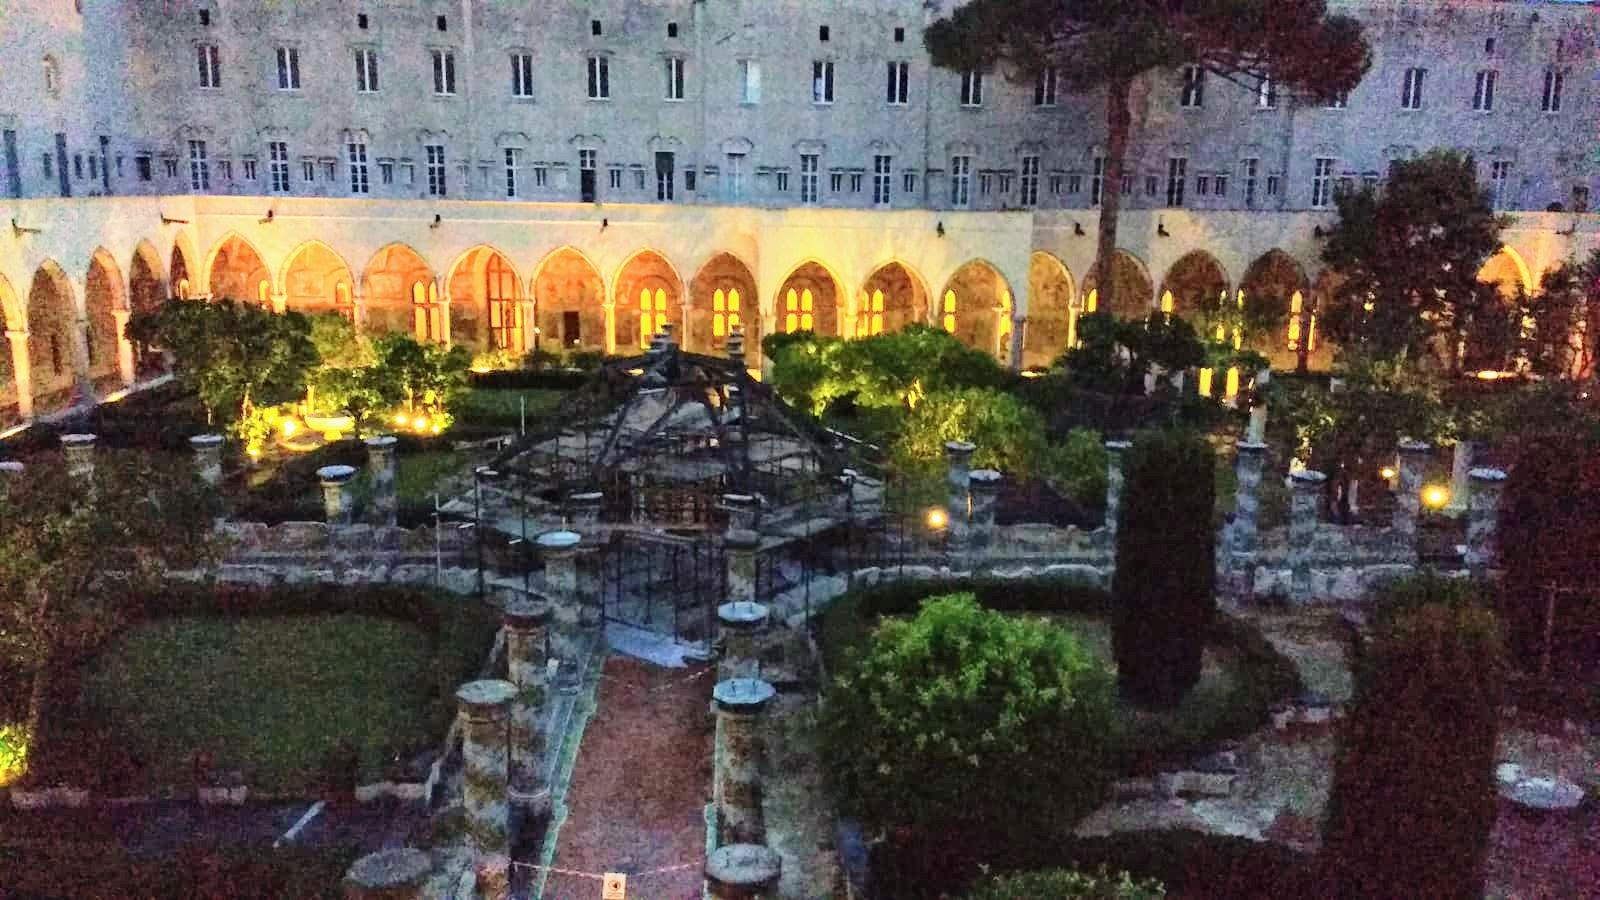 Serata speciale nel solstizio d'estate al monastero di Santa Chiara